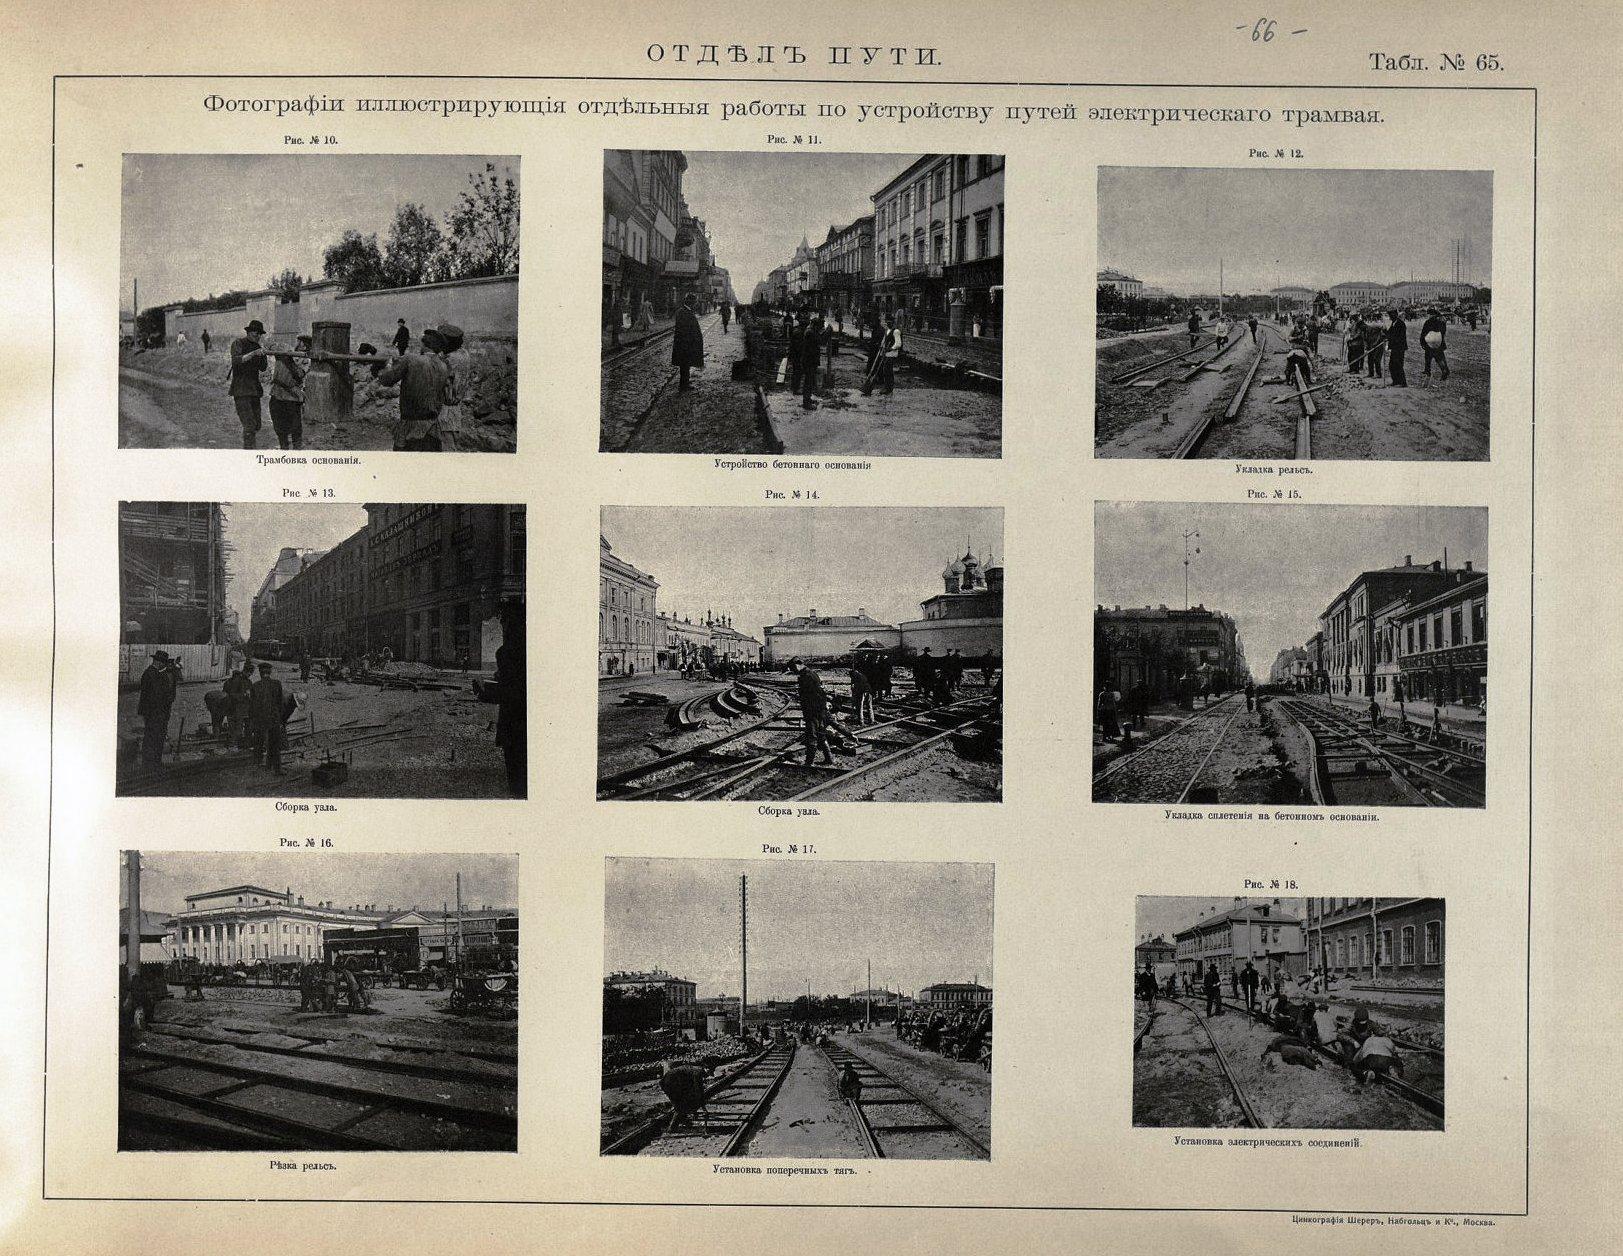 66. Фотографии, иллюстрирующие отдельные работы по устройству путей электрического трамвая